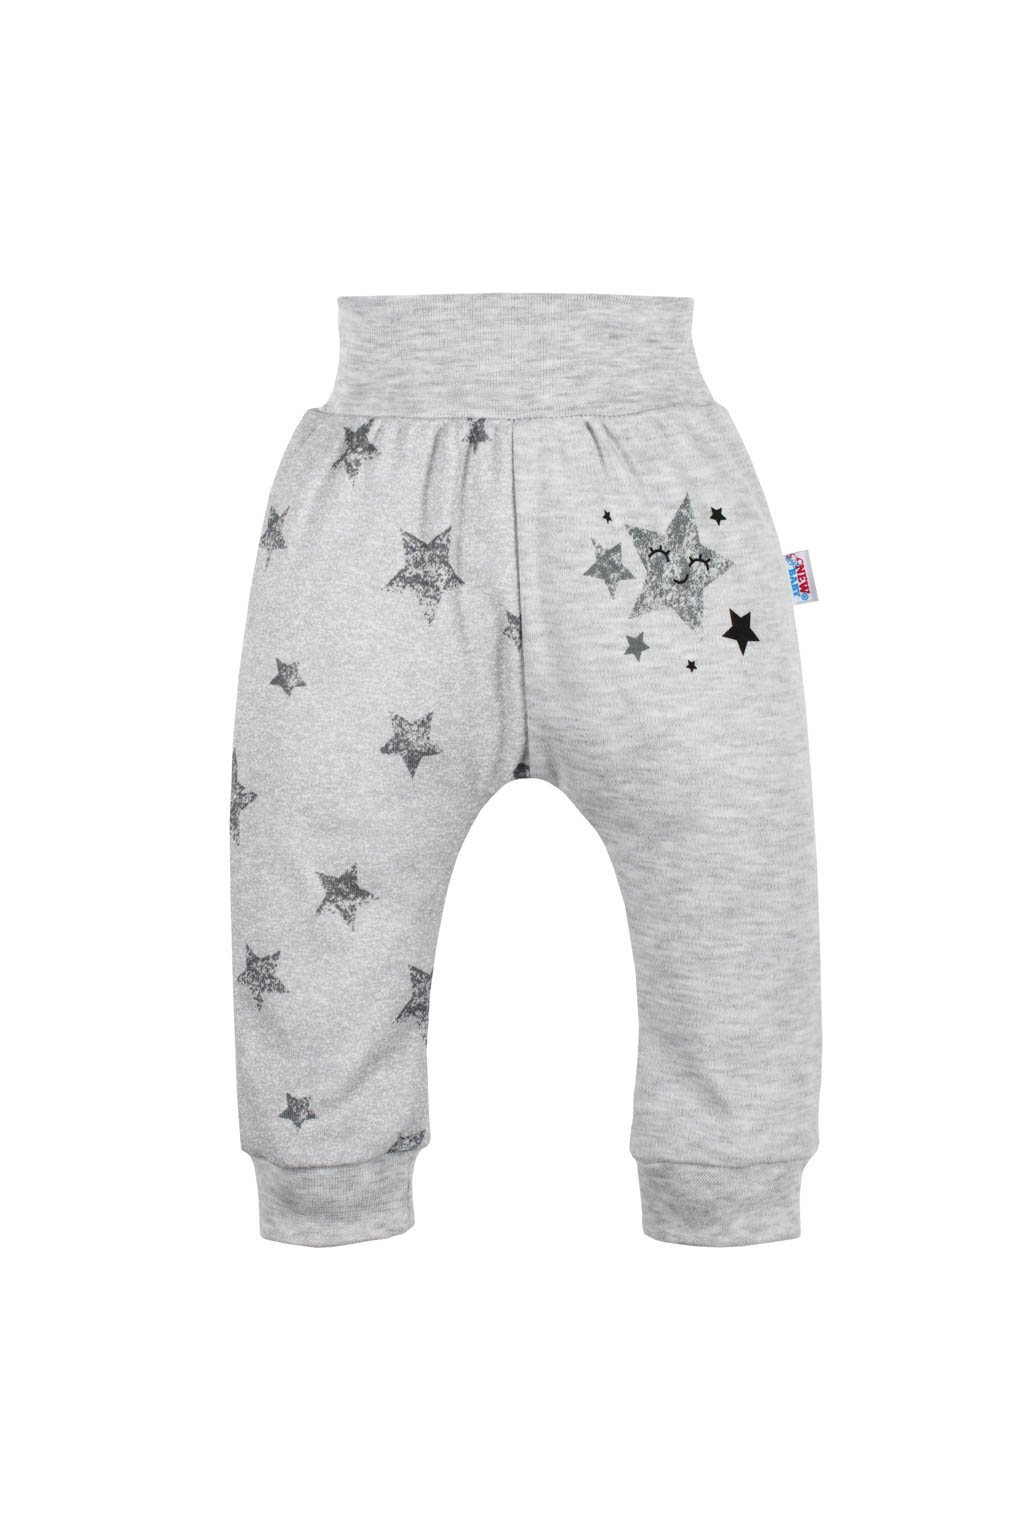 Dojčenské tepláčky New Baby Stars